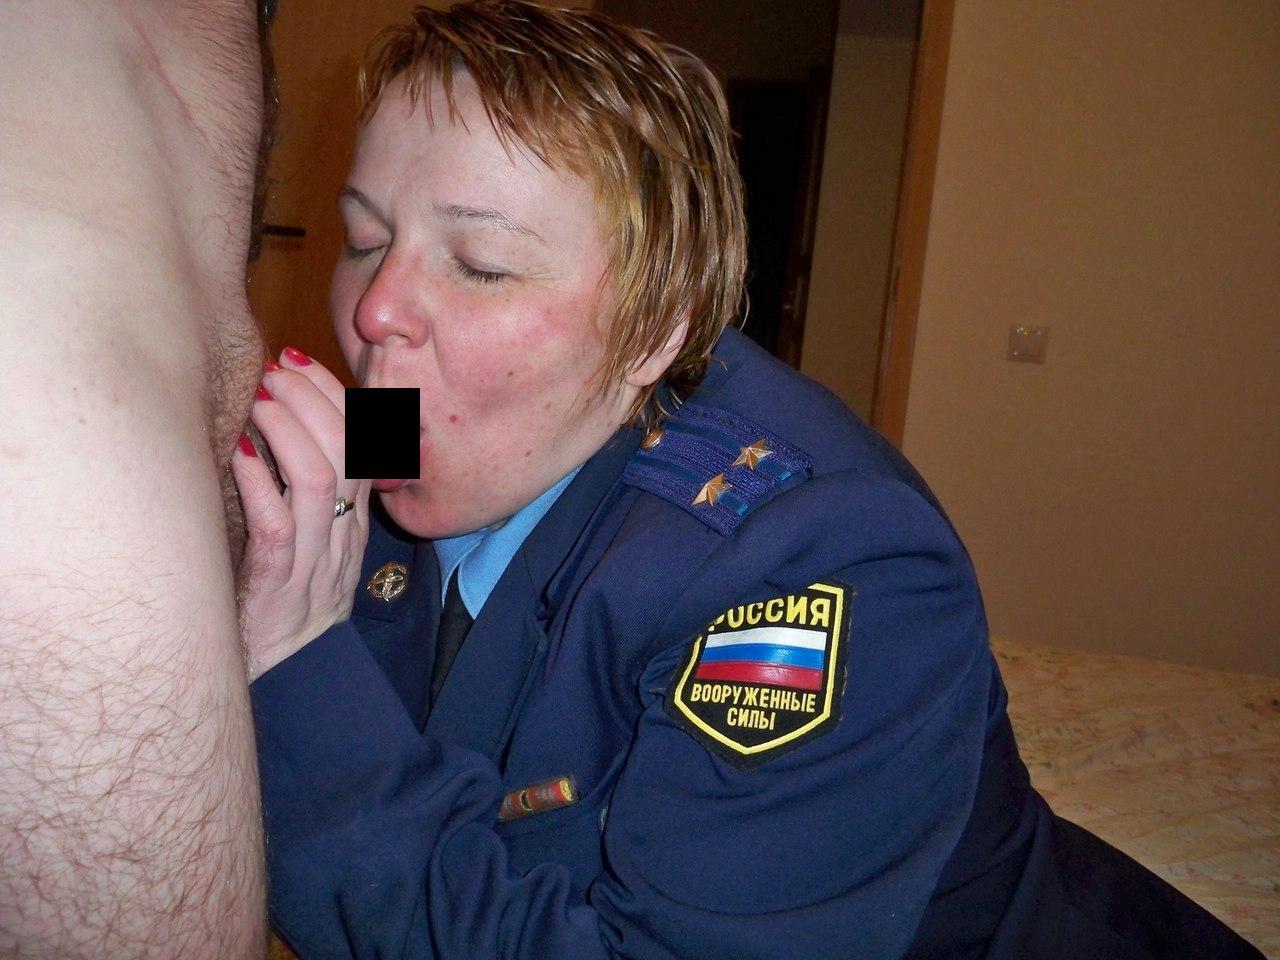 Русская милиционерша раздевается, Полицейские порно, смотреть секс в Полиции видео 6 фотография